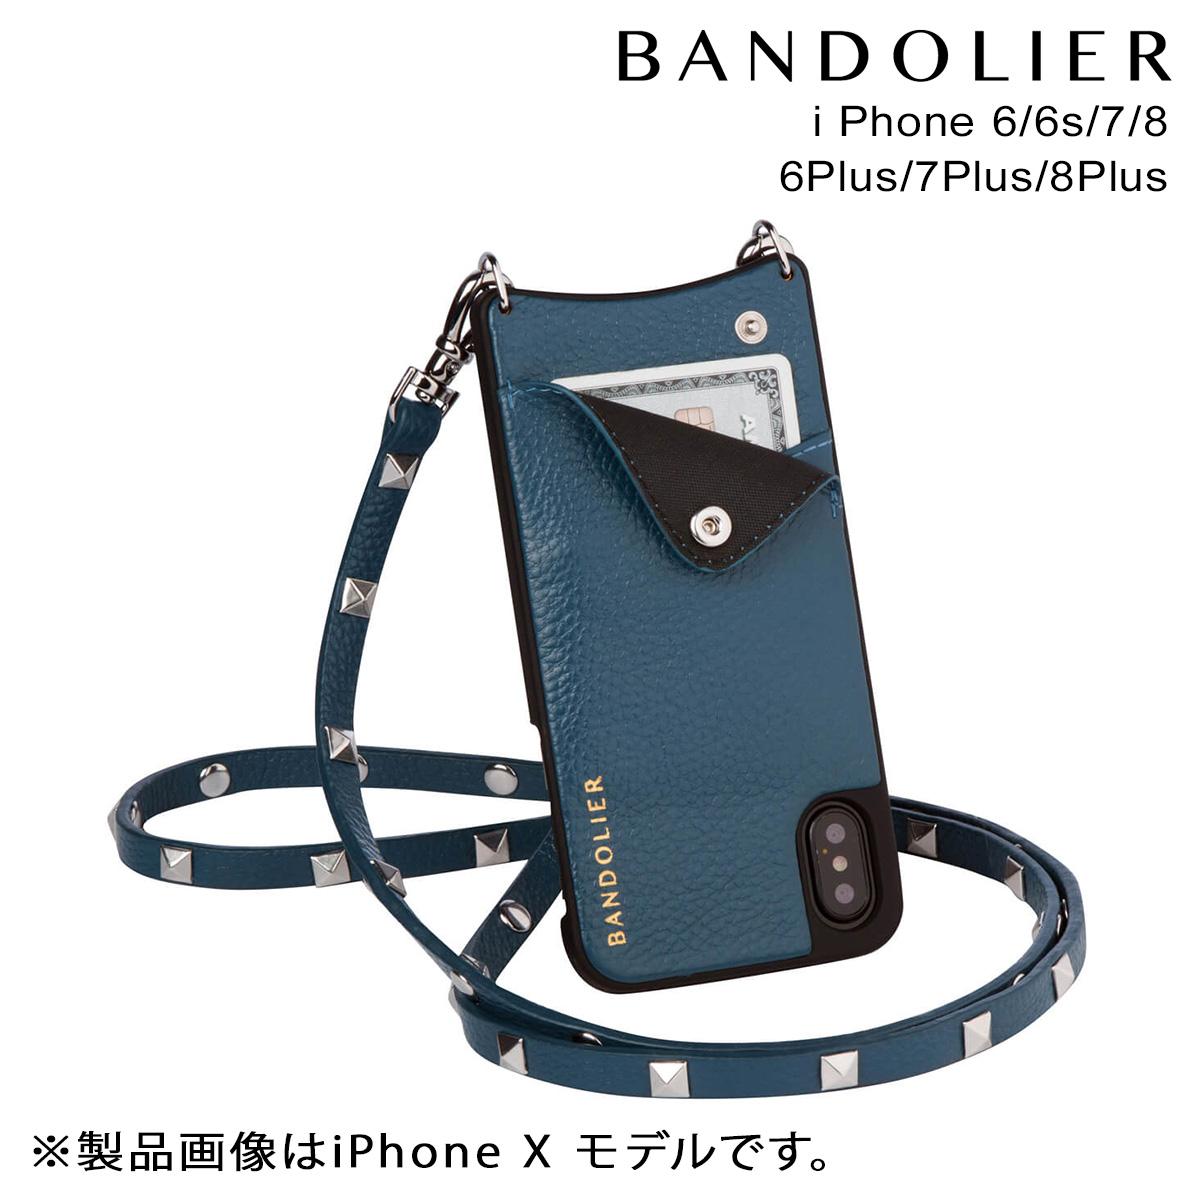 BANDOLIER iPhone8 iPhone7 7Plus 6s SARAH SAPPHIRE バンドリヤー ケース スマホ アイフォン プラス メンズ レディース